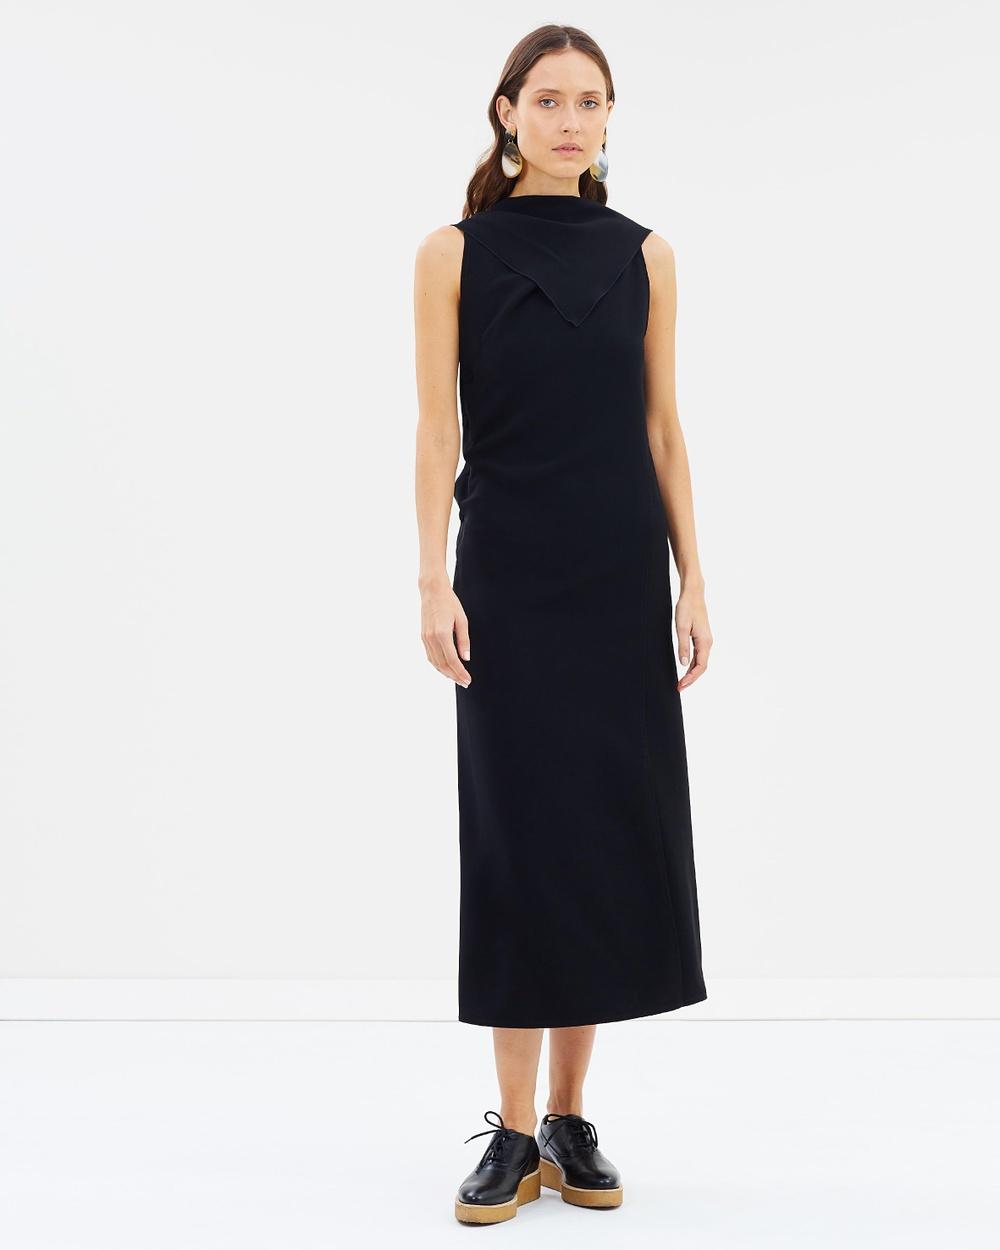 Joseph Ceil Fluid Twill Dress Dresses Black Ceil Fluid Twill Dress